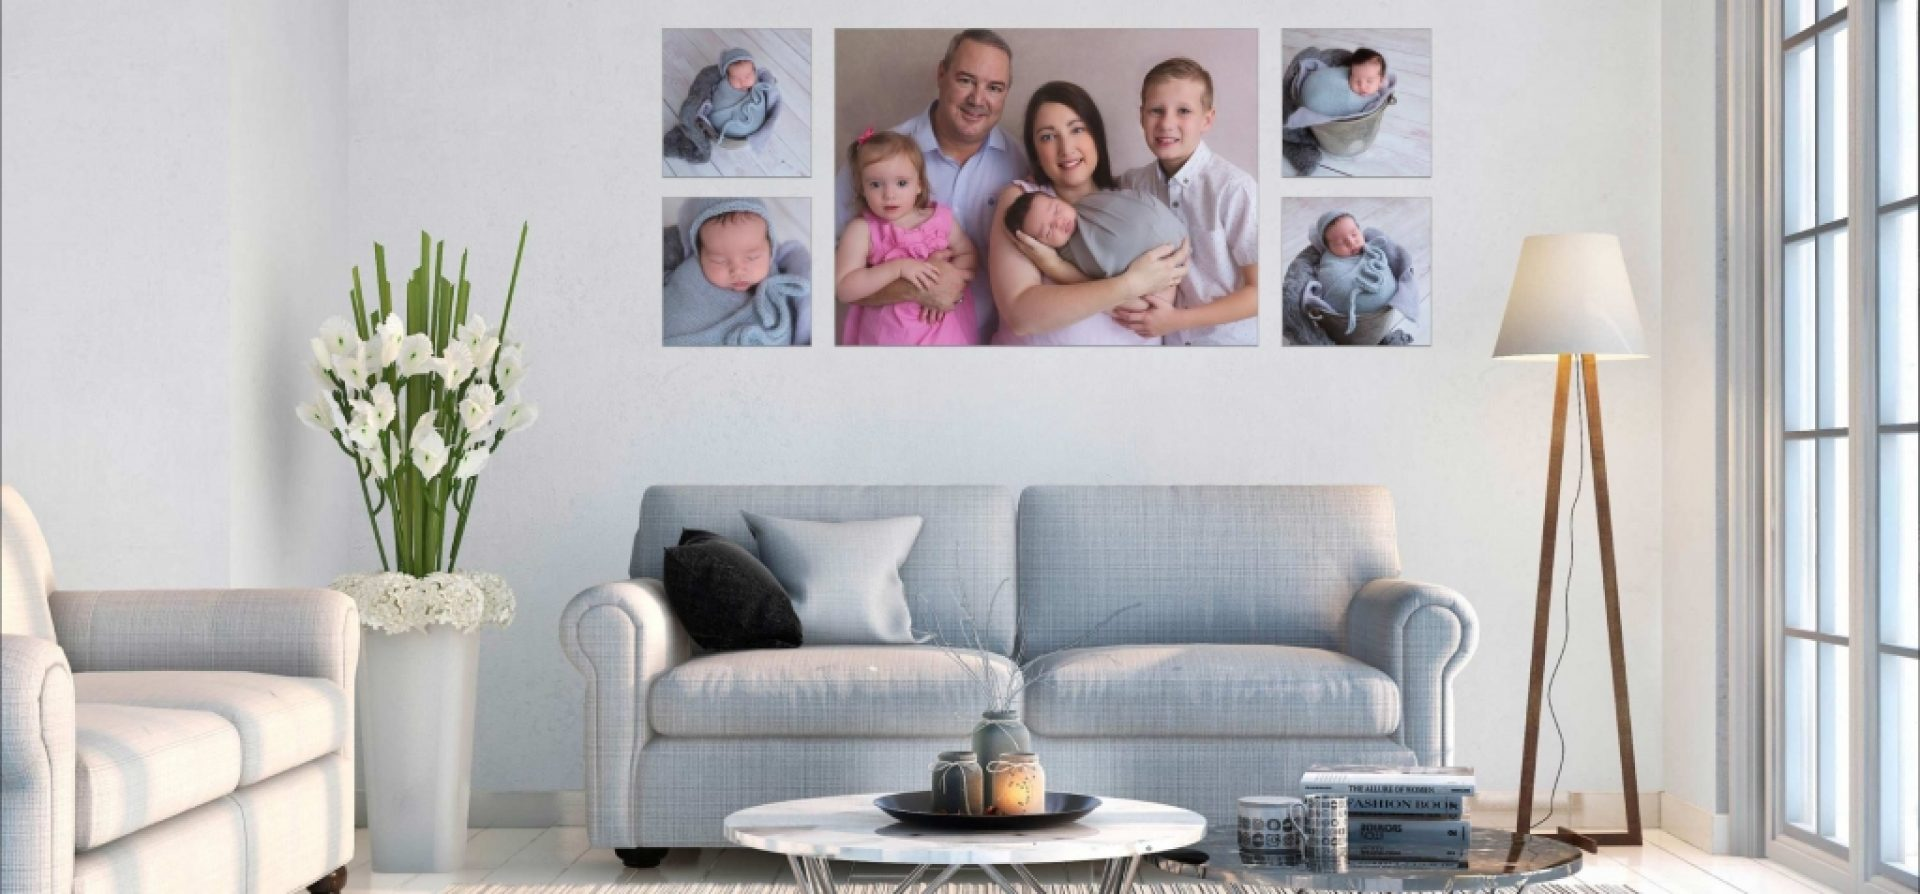 Rachel Falzon Photography, Newborn Photography Sydney